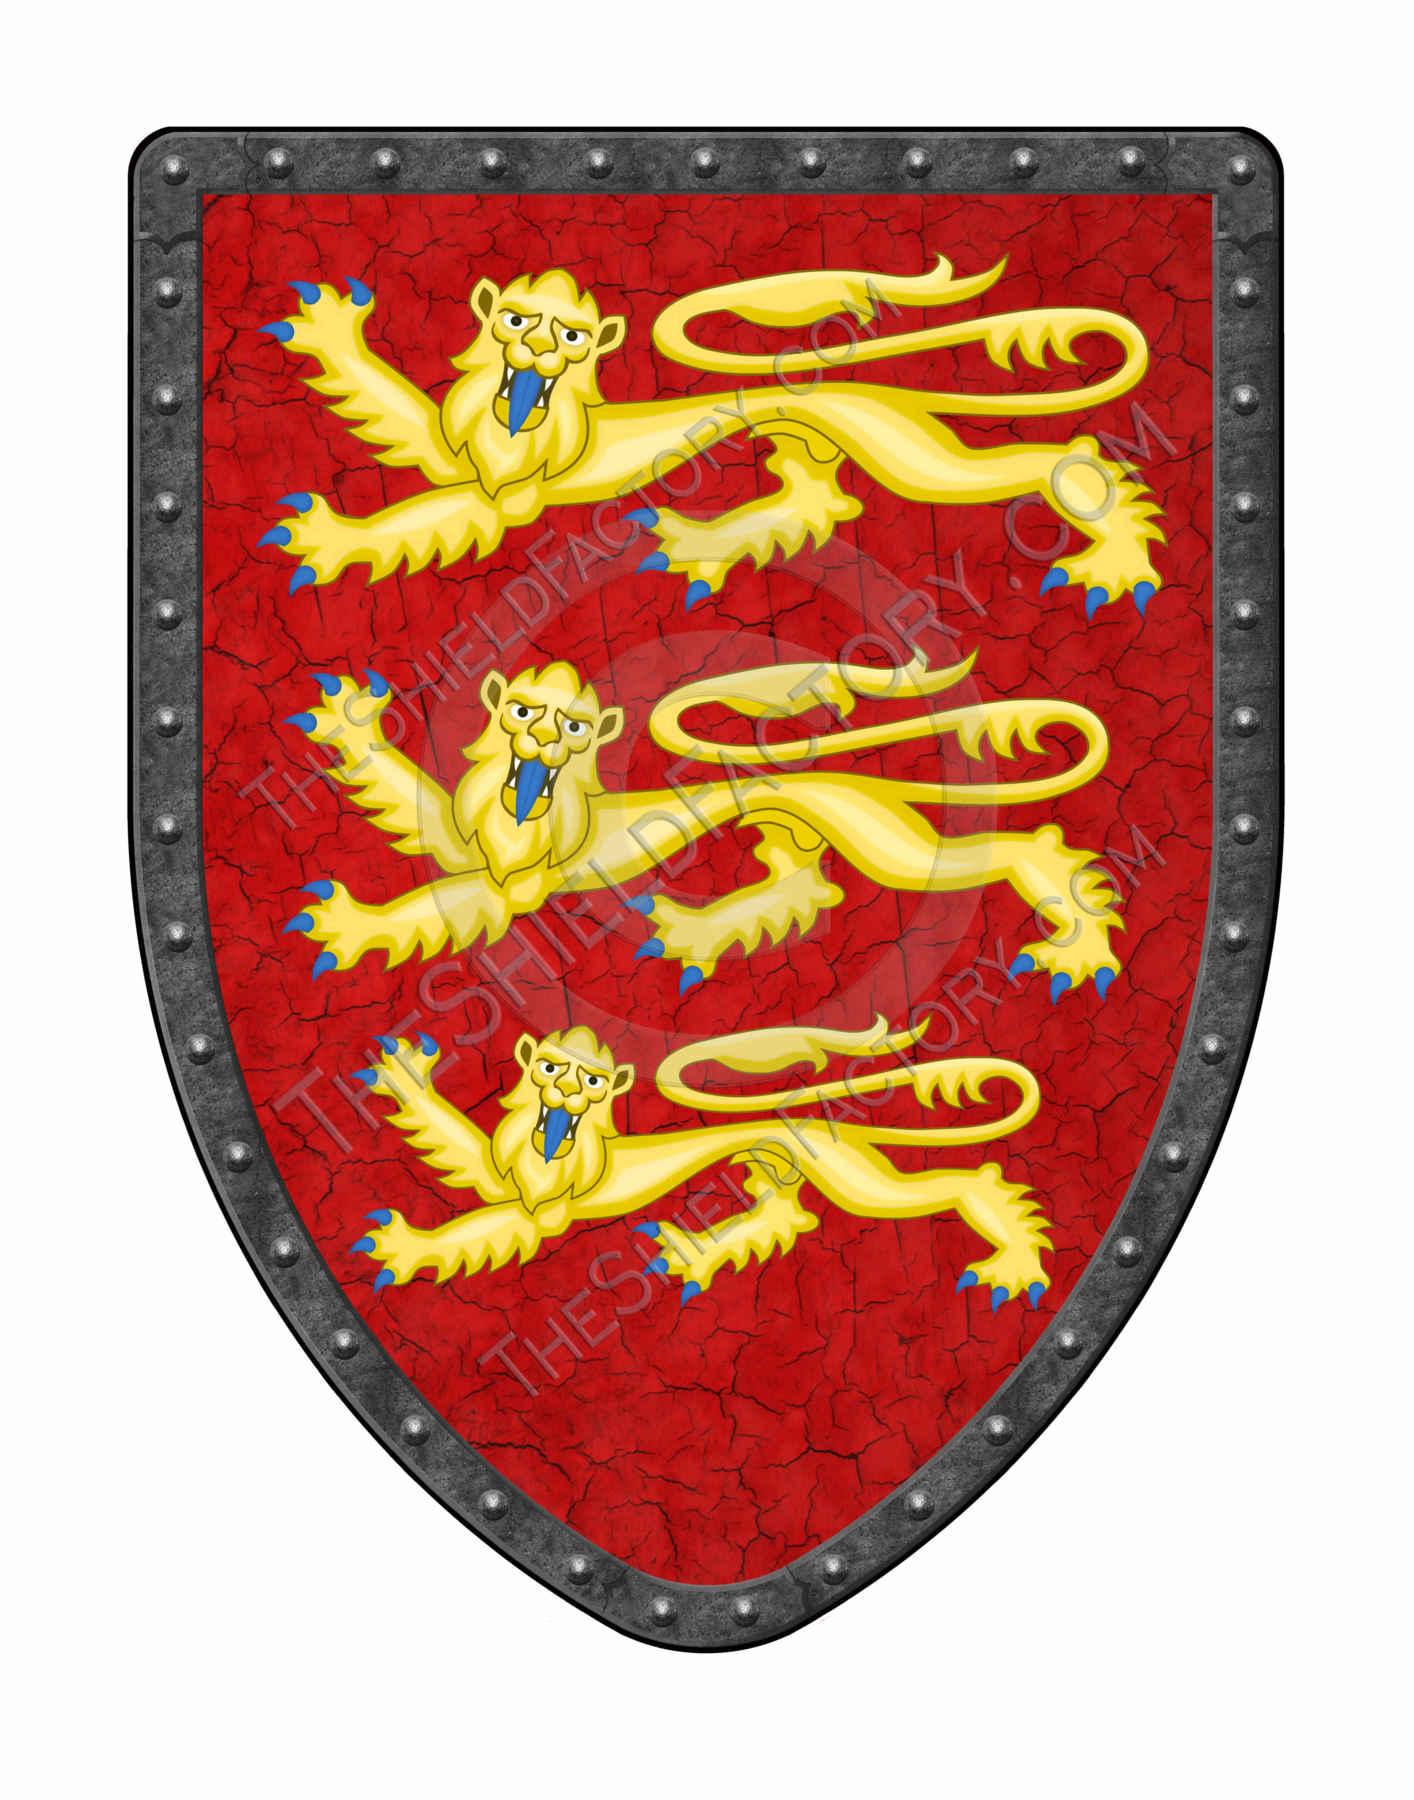 Richard Lion Heart Shield, Lionhearted